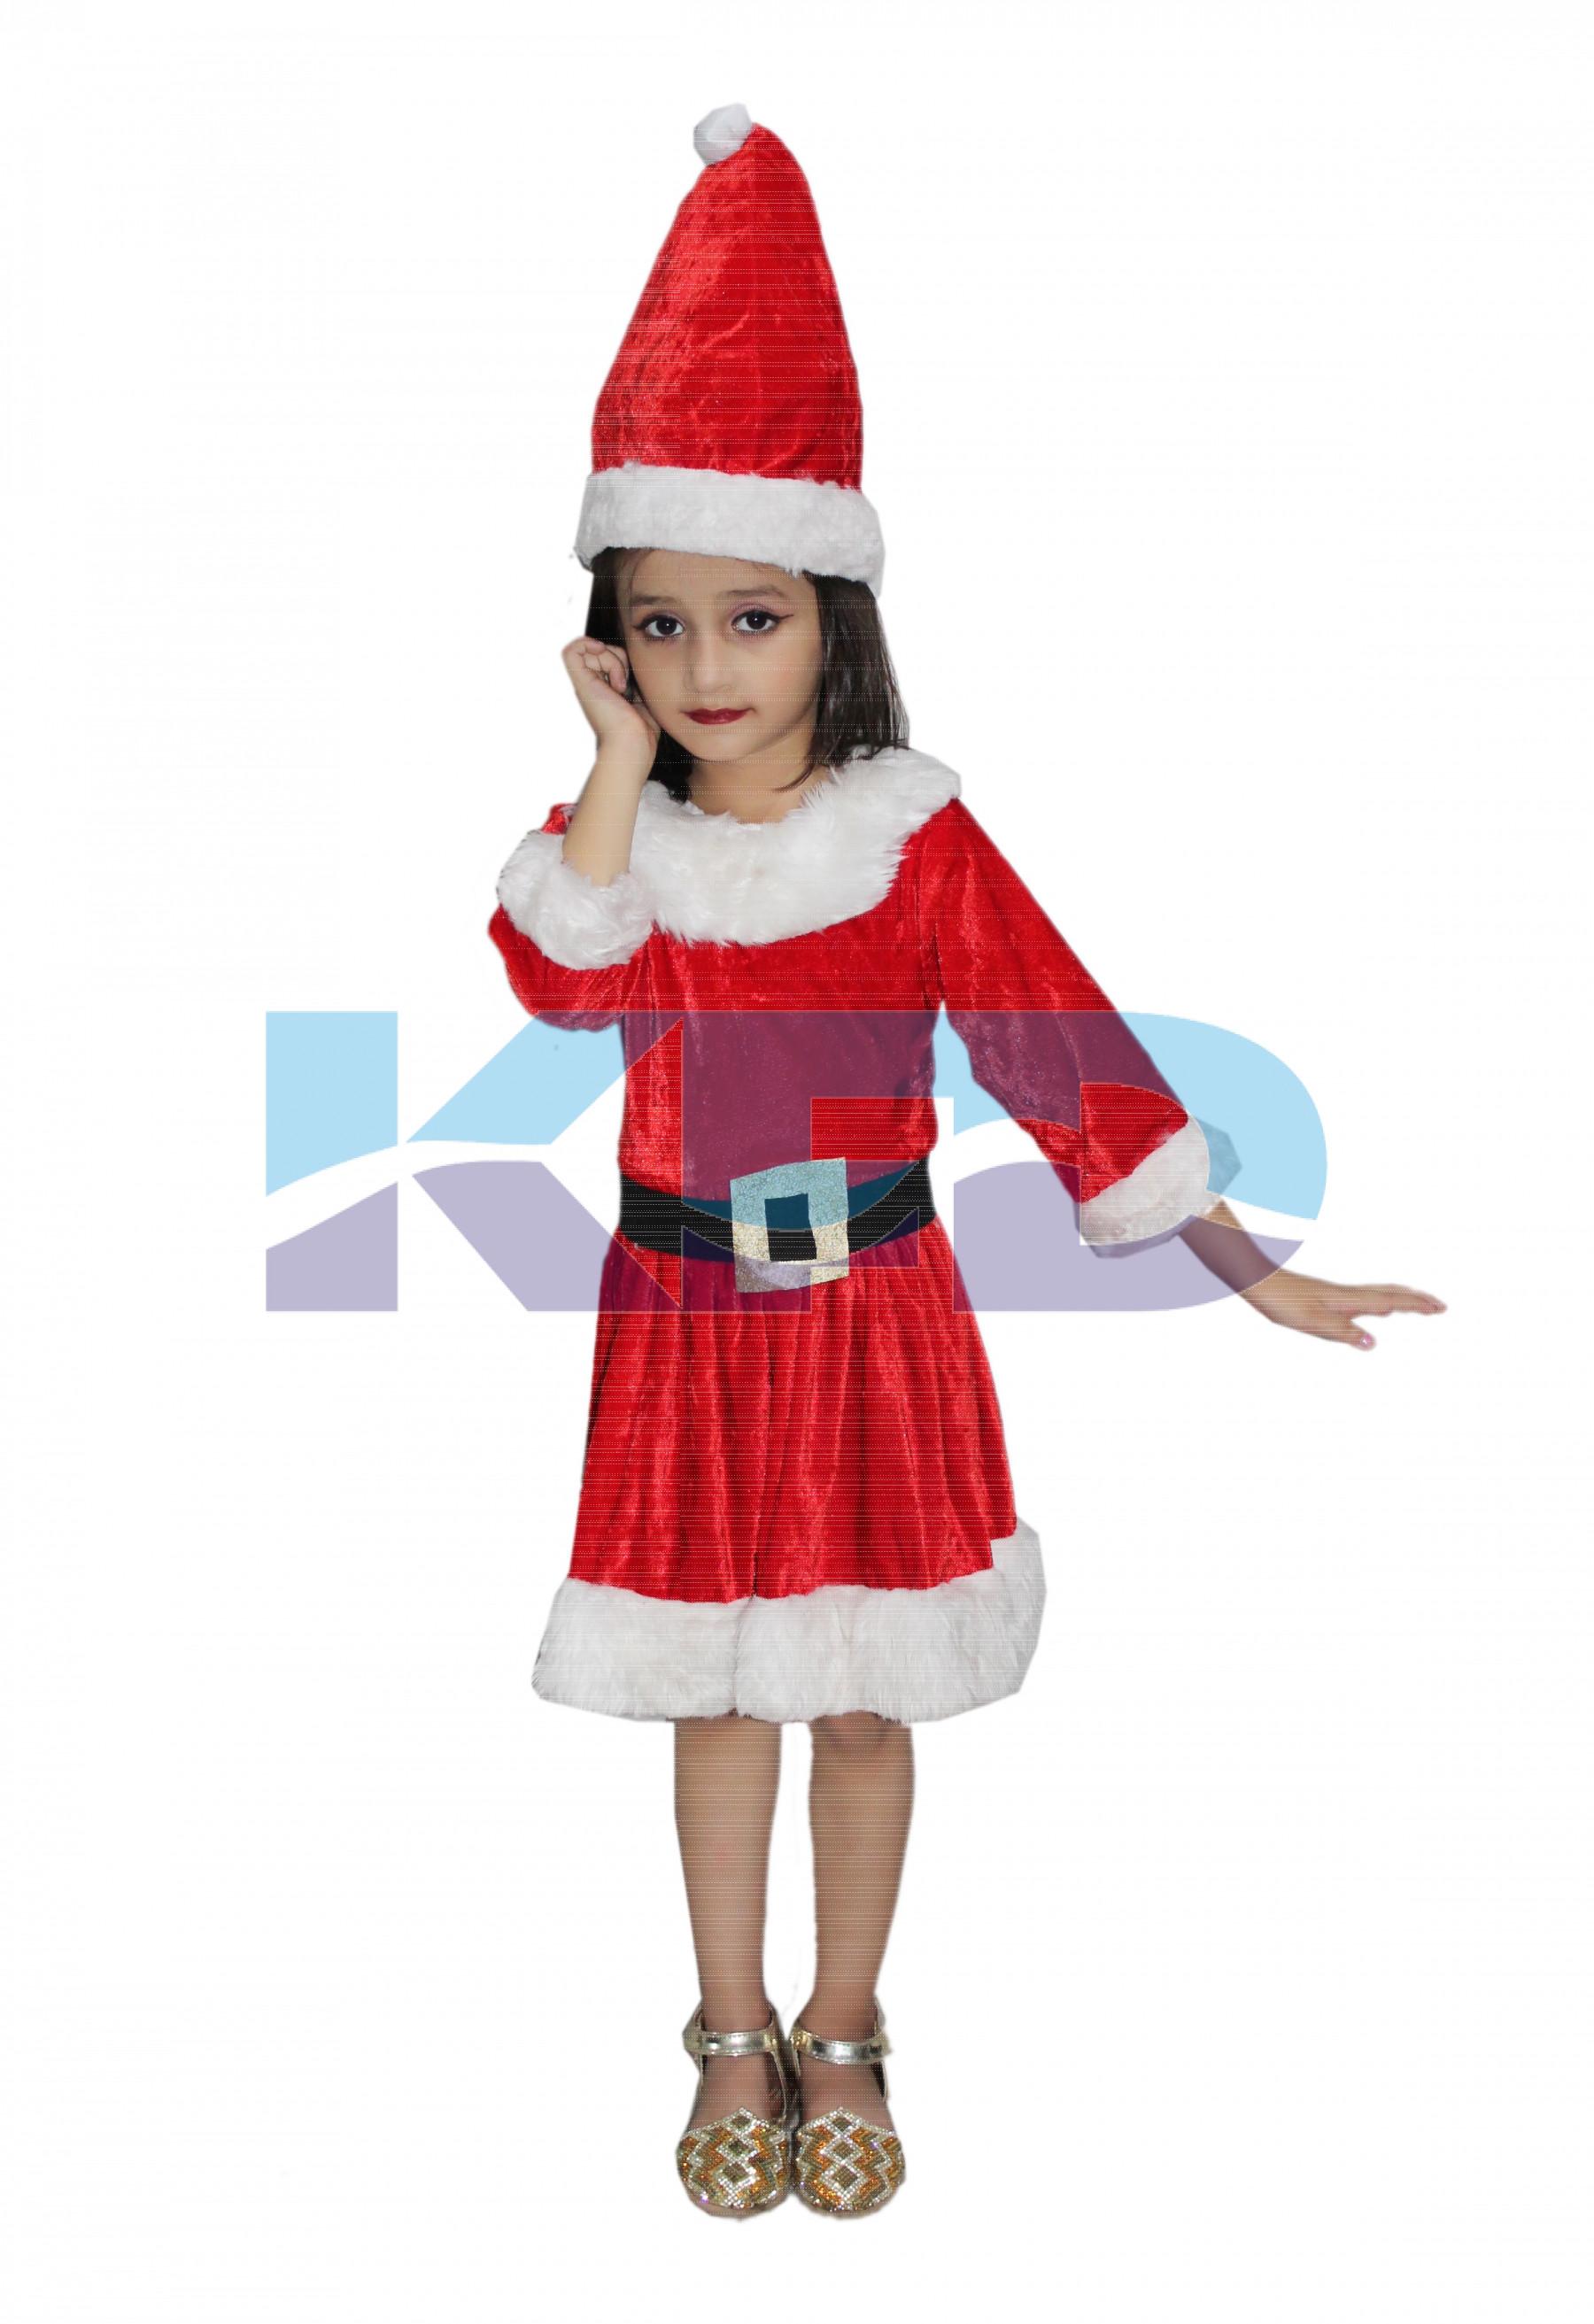 366657da143fc Santa Girl fancy dress for kids,Christmas Day costume for annual ...